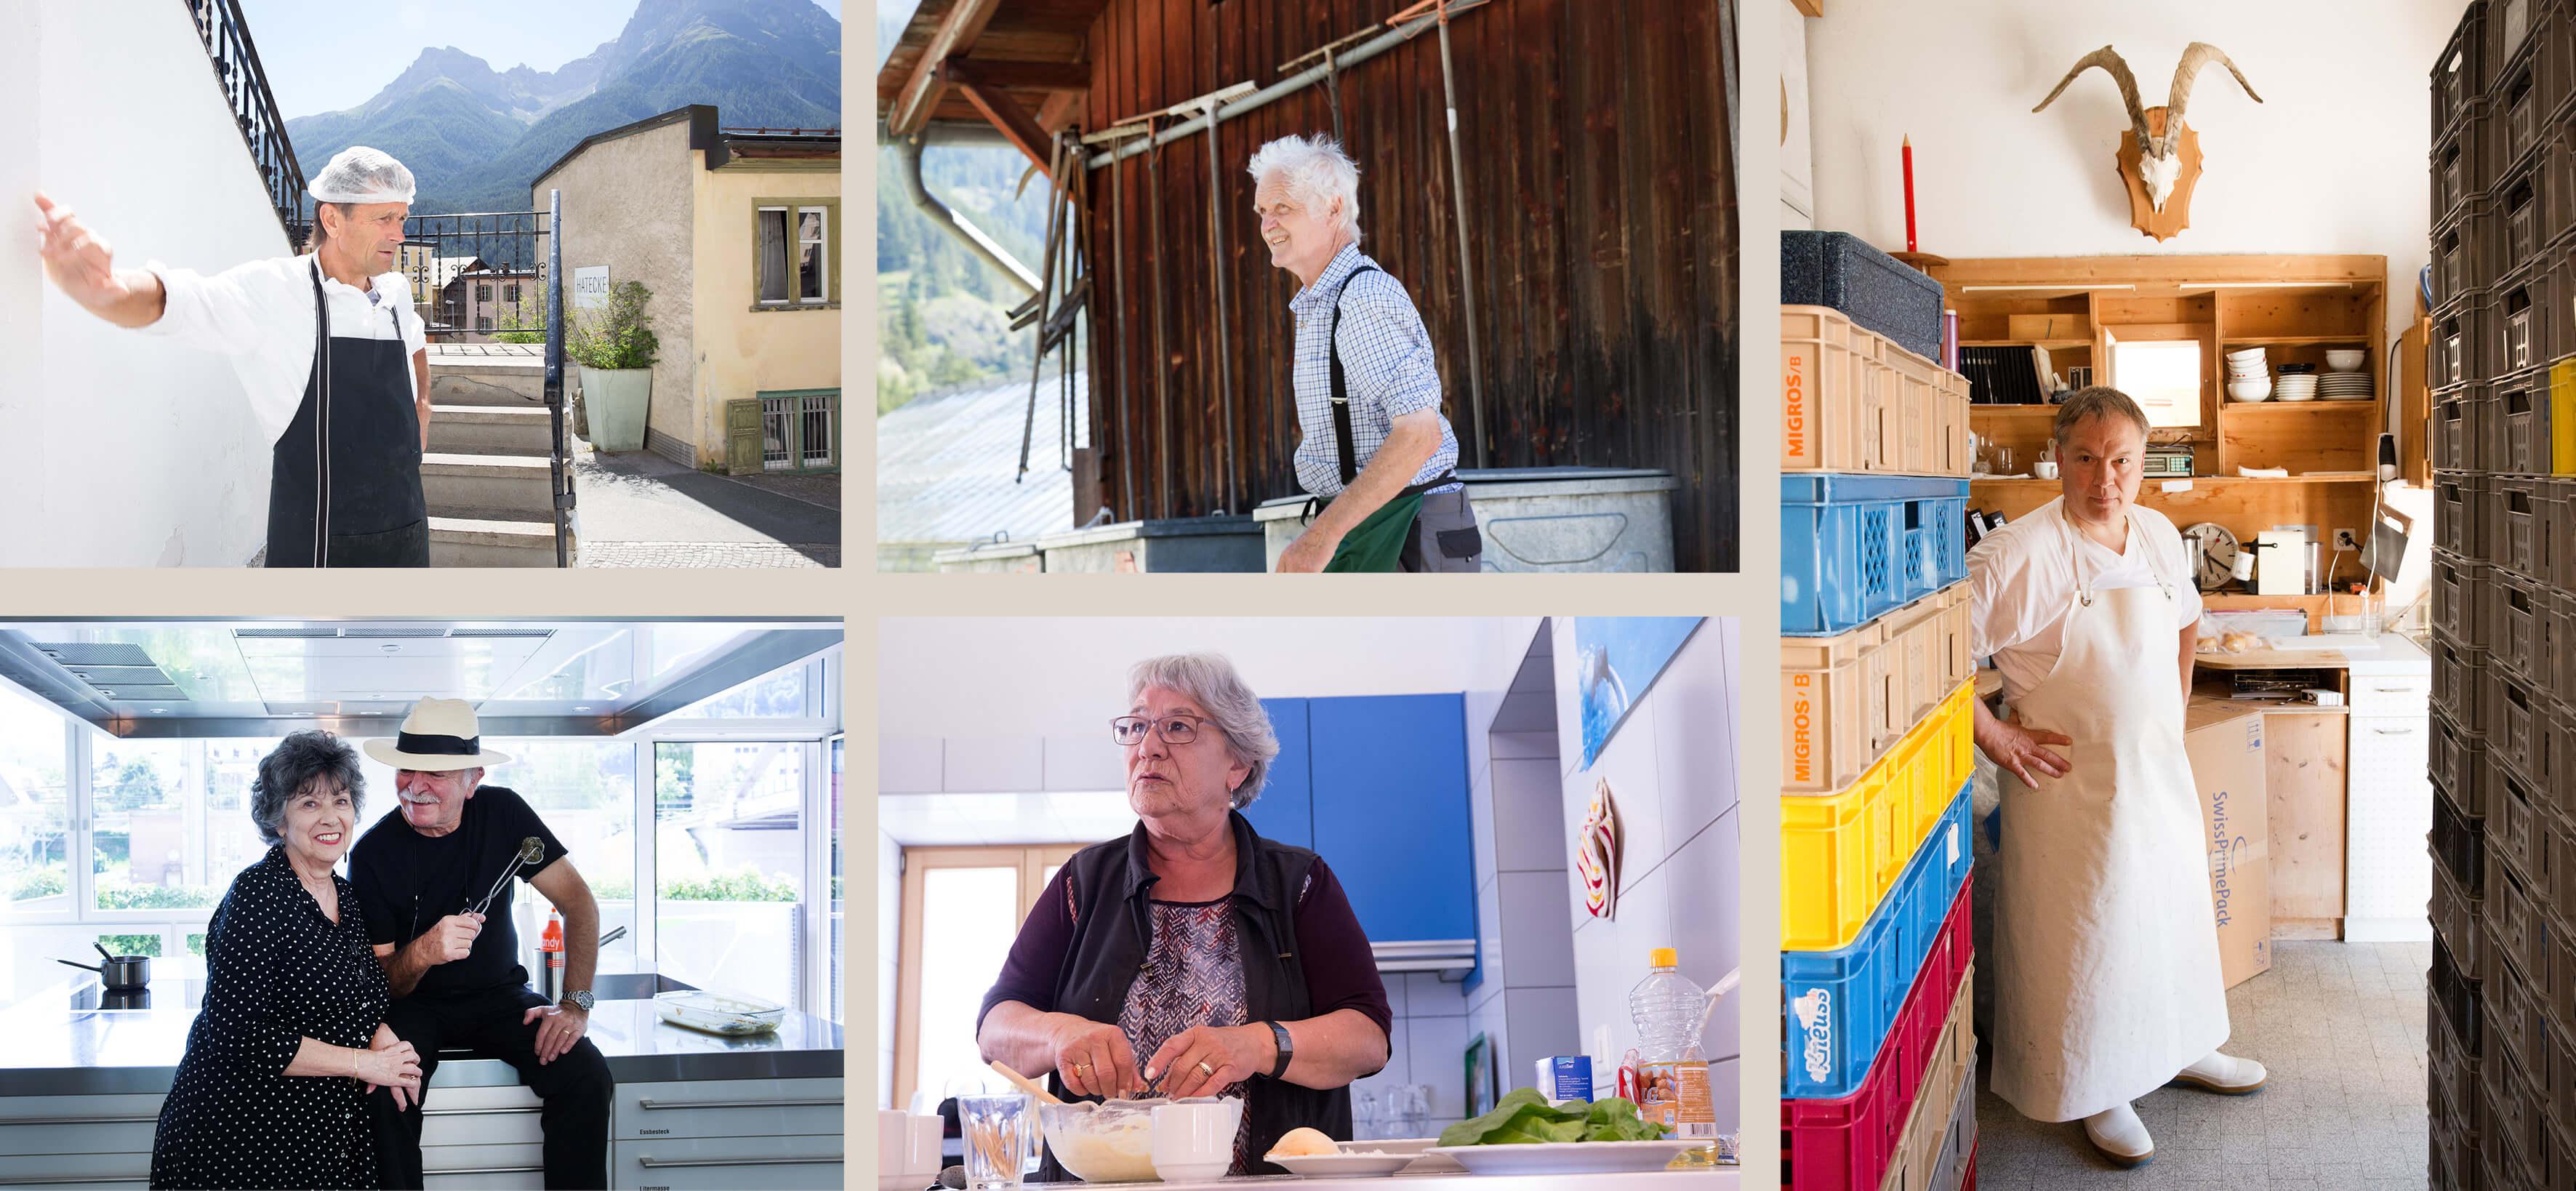 Käserei, Fleischerei, Capuns, Gärtnerei, Kochen, Schweiz